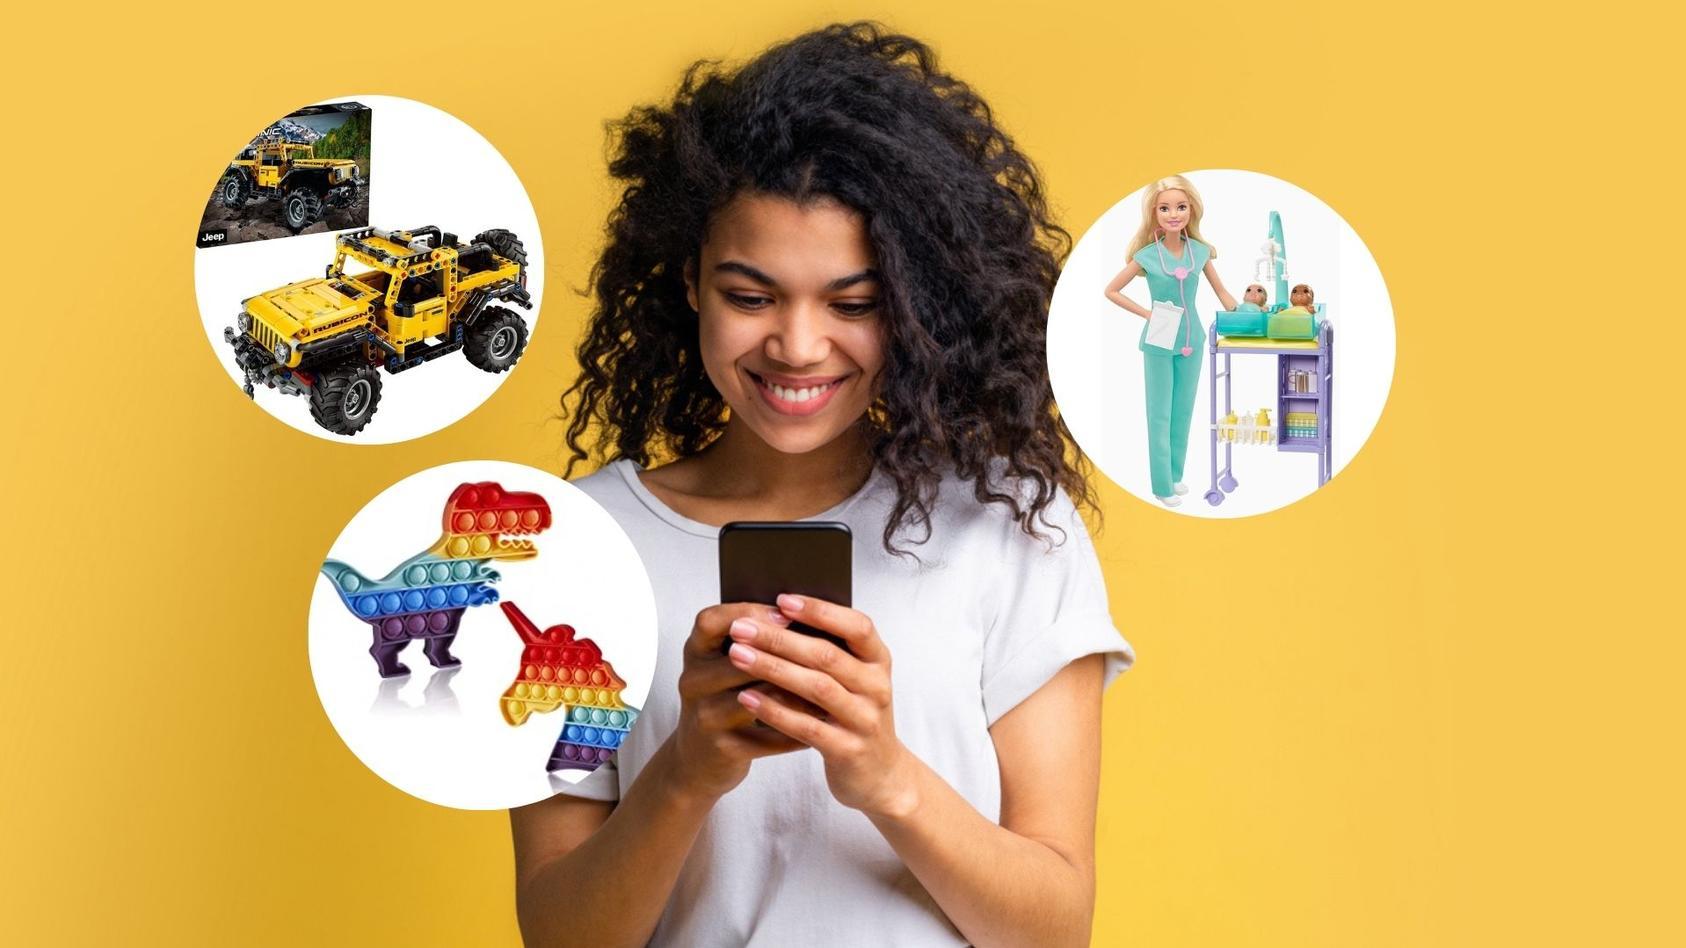 Wir haben die Amazon-September-Angebote auf gute Spielzeug-Deals gecheckt.